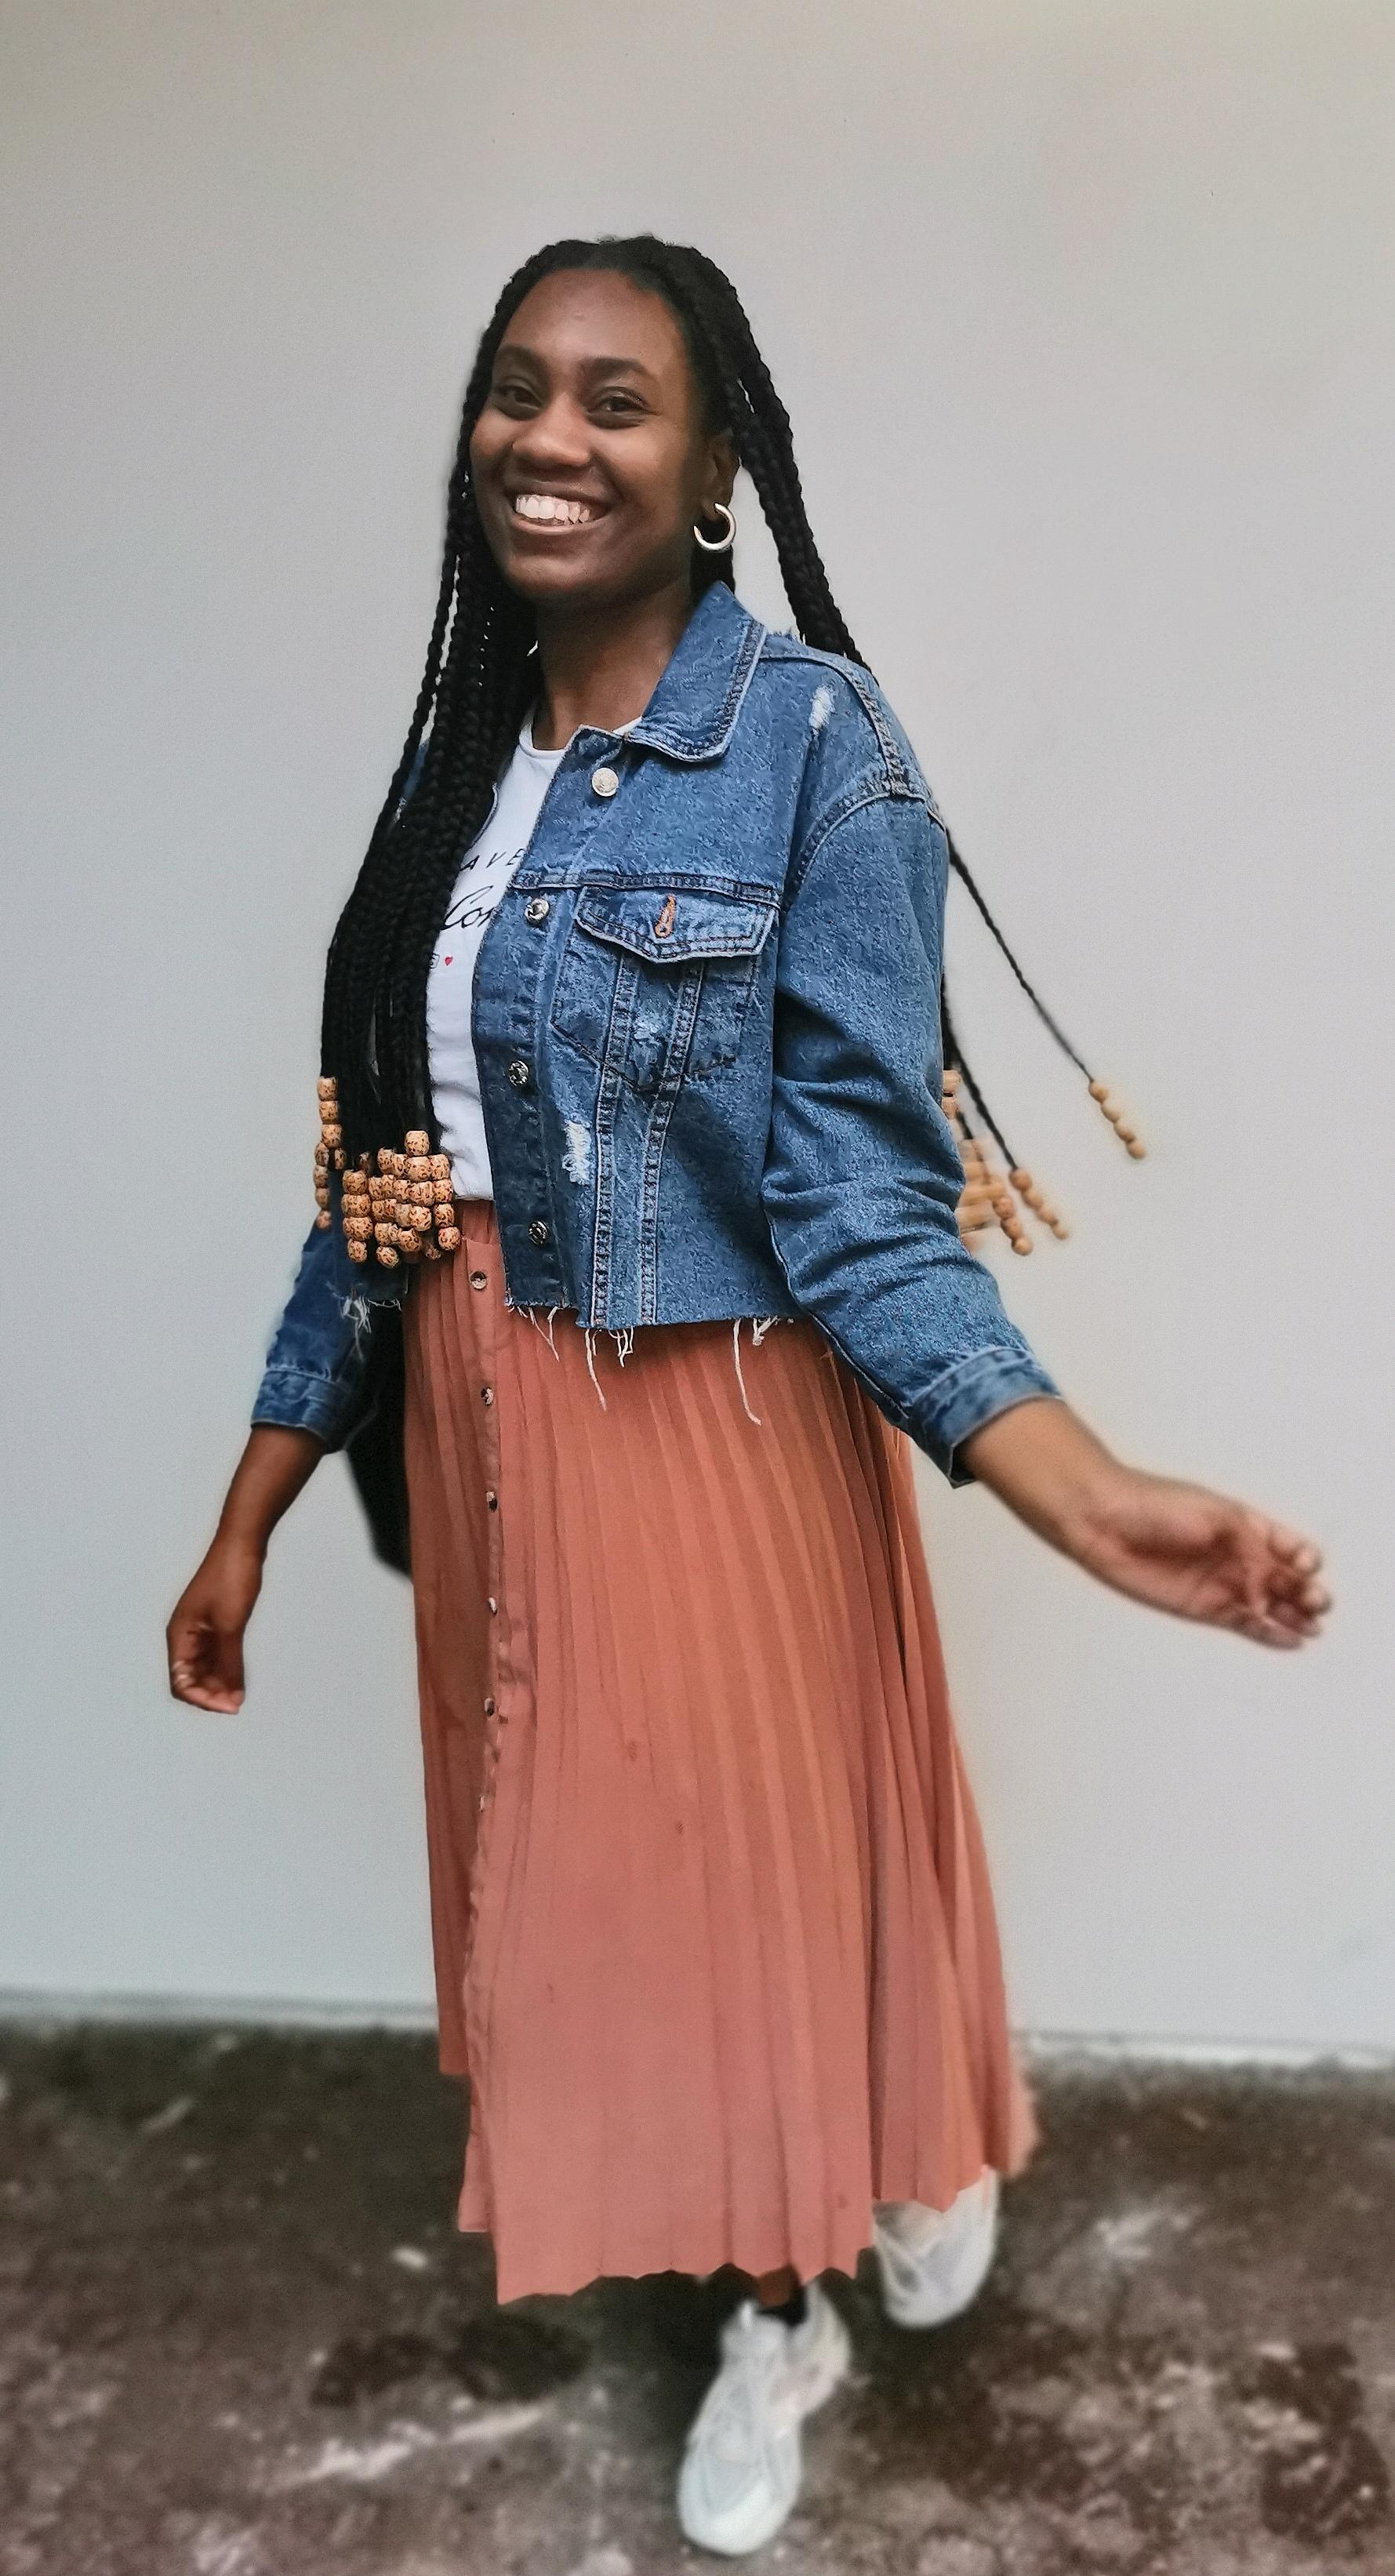 salon de coiffure afro tresse tresses box braids crochet braids vanilles tissages paris 75 77 78 91 92 93 94 95 KLLWOTJT